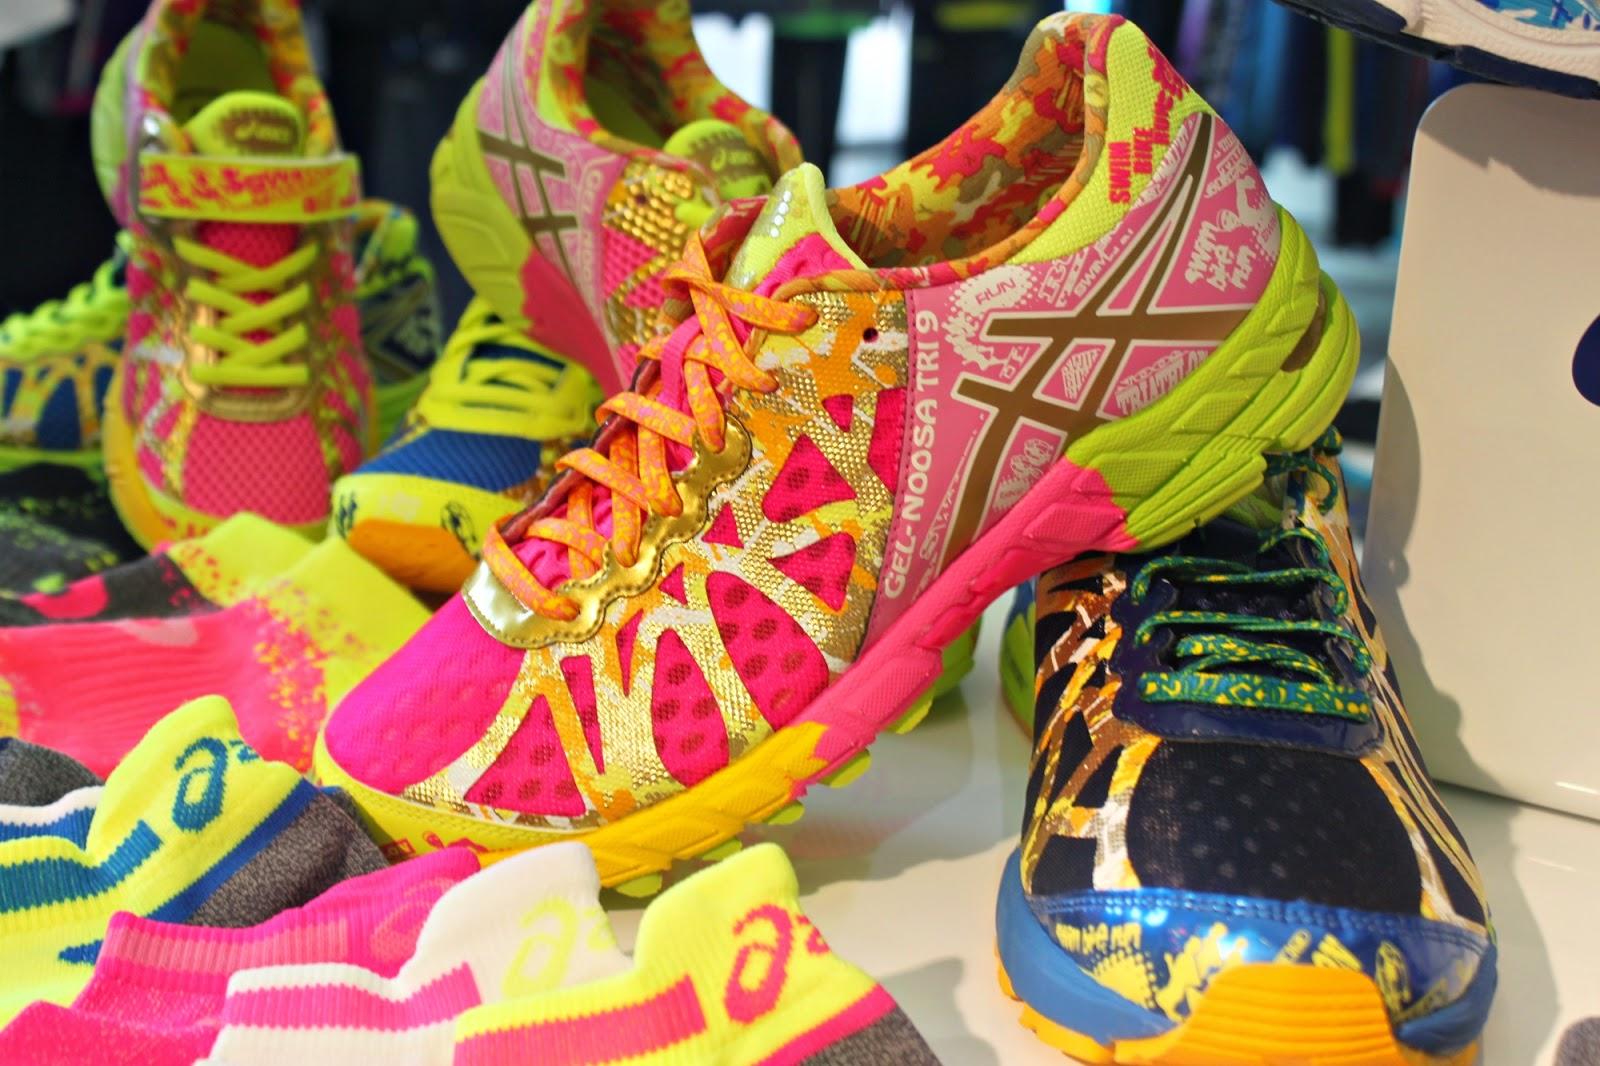 Zapatillas 2018 que buen look fotos nuevas Shoe of the Day | ASICS GEL-Noosa Tri 9 GR for Pediatric Cancer ...